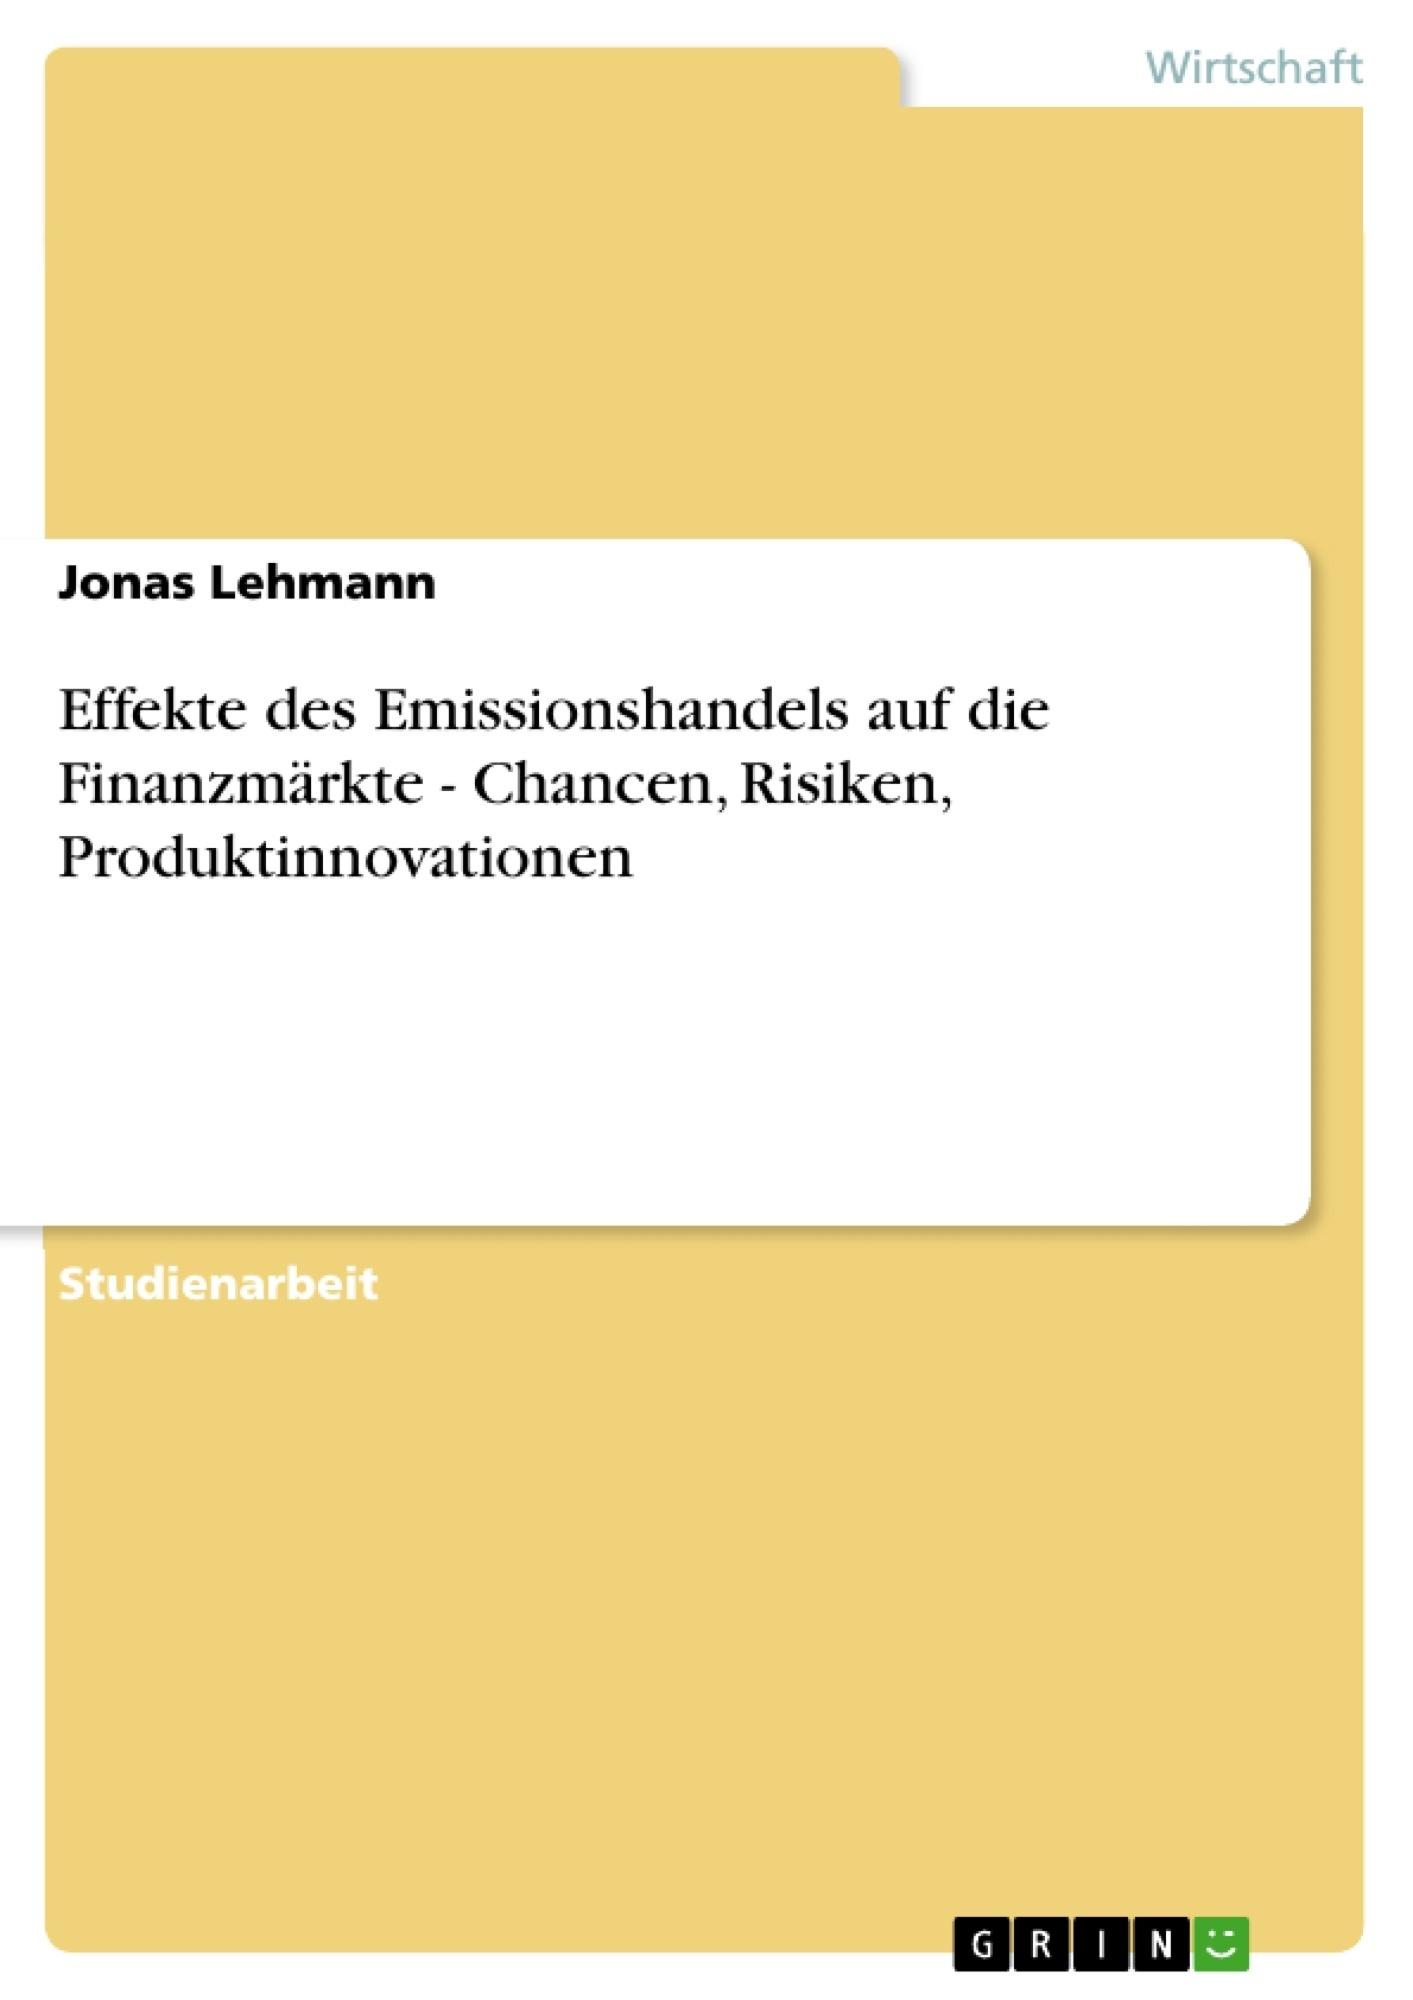 Titel: Effekte des Emissionshandels  auf die Finanzmärkte - Chancen, Risiken, Produktinnovationen